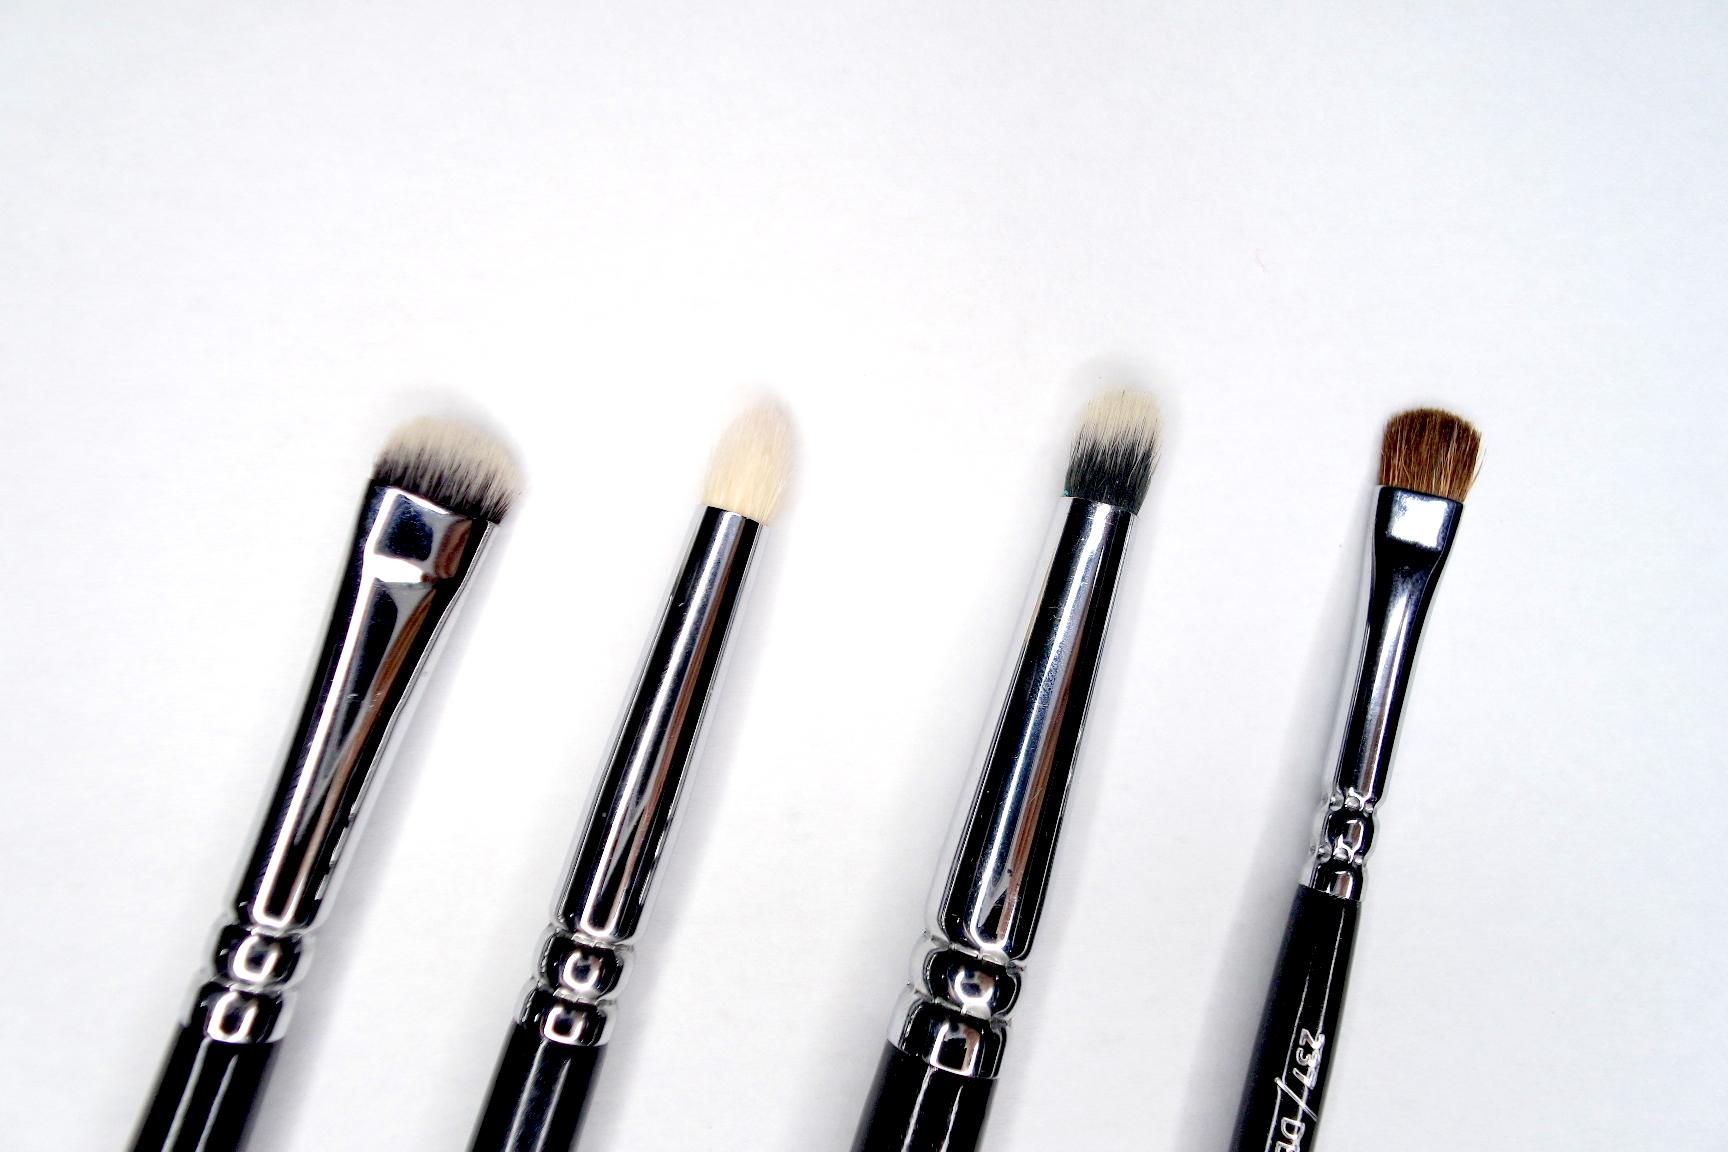 zoeva 226 smudger, 230 luxe pencil brush, 223 petit eye blender brush, 237 detail shader